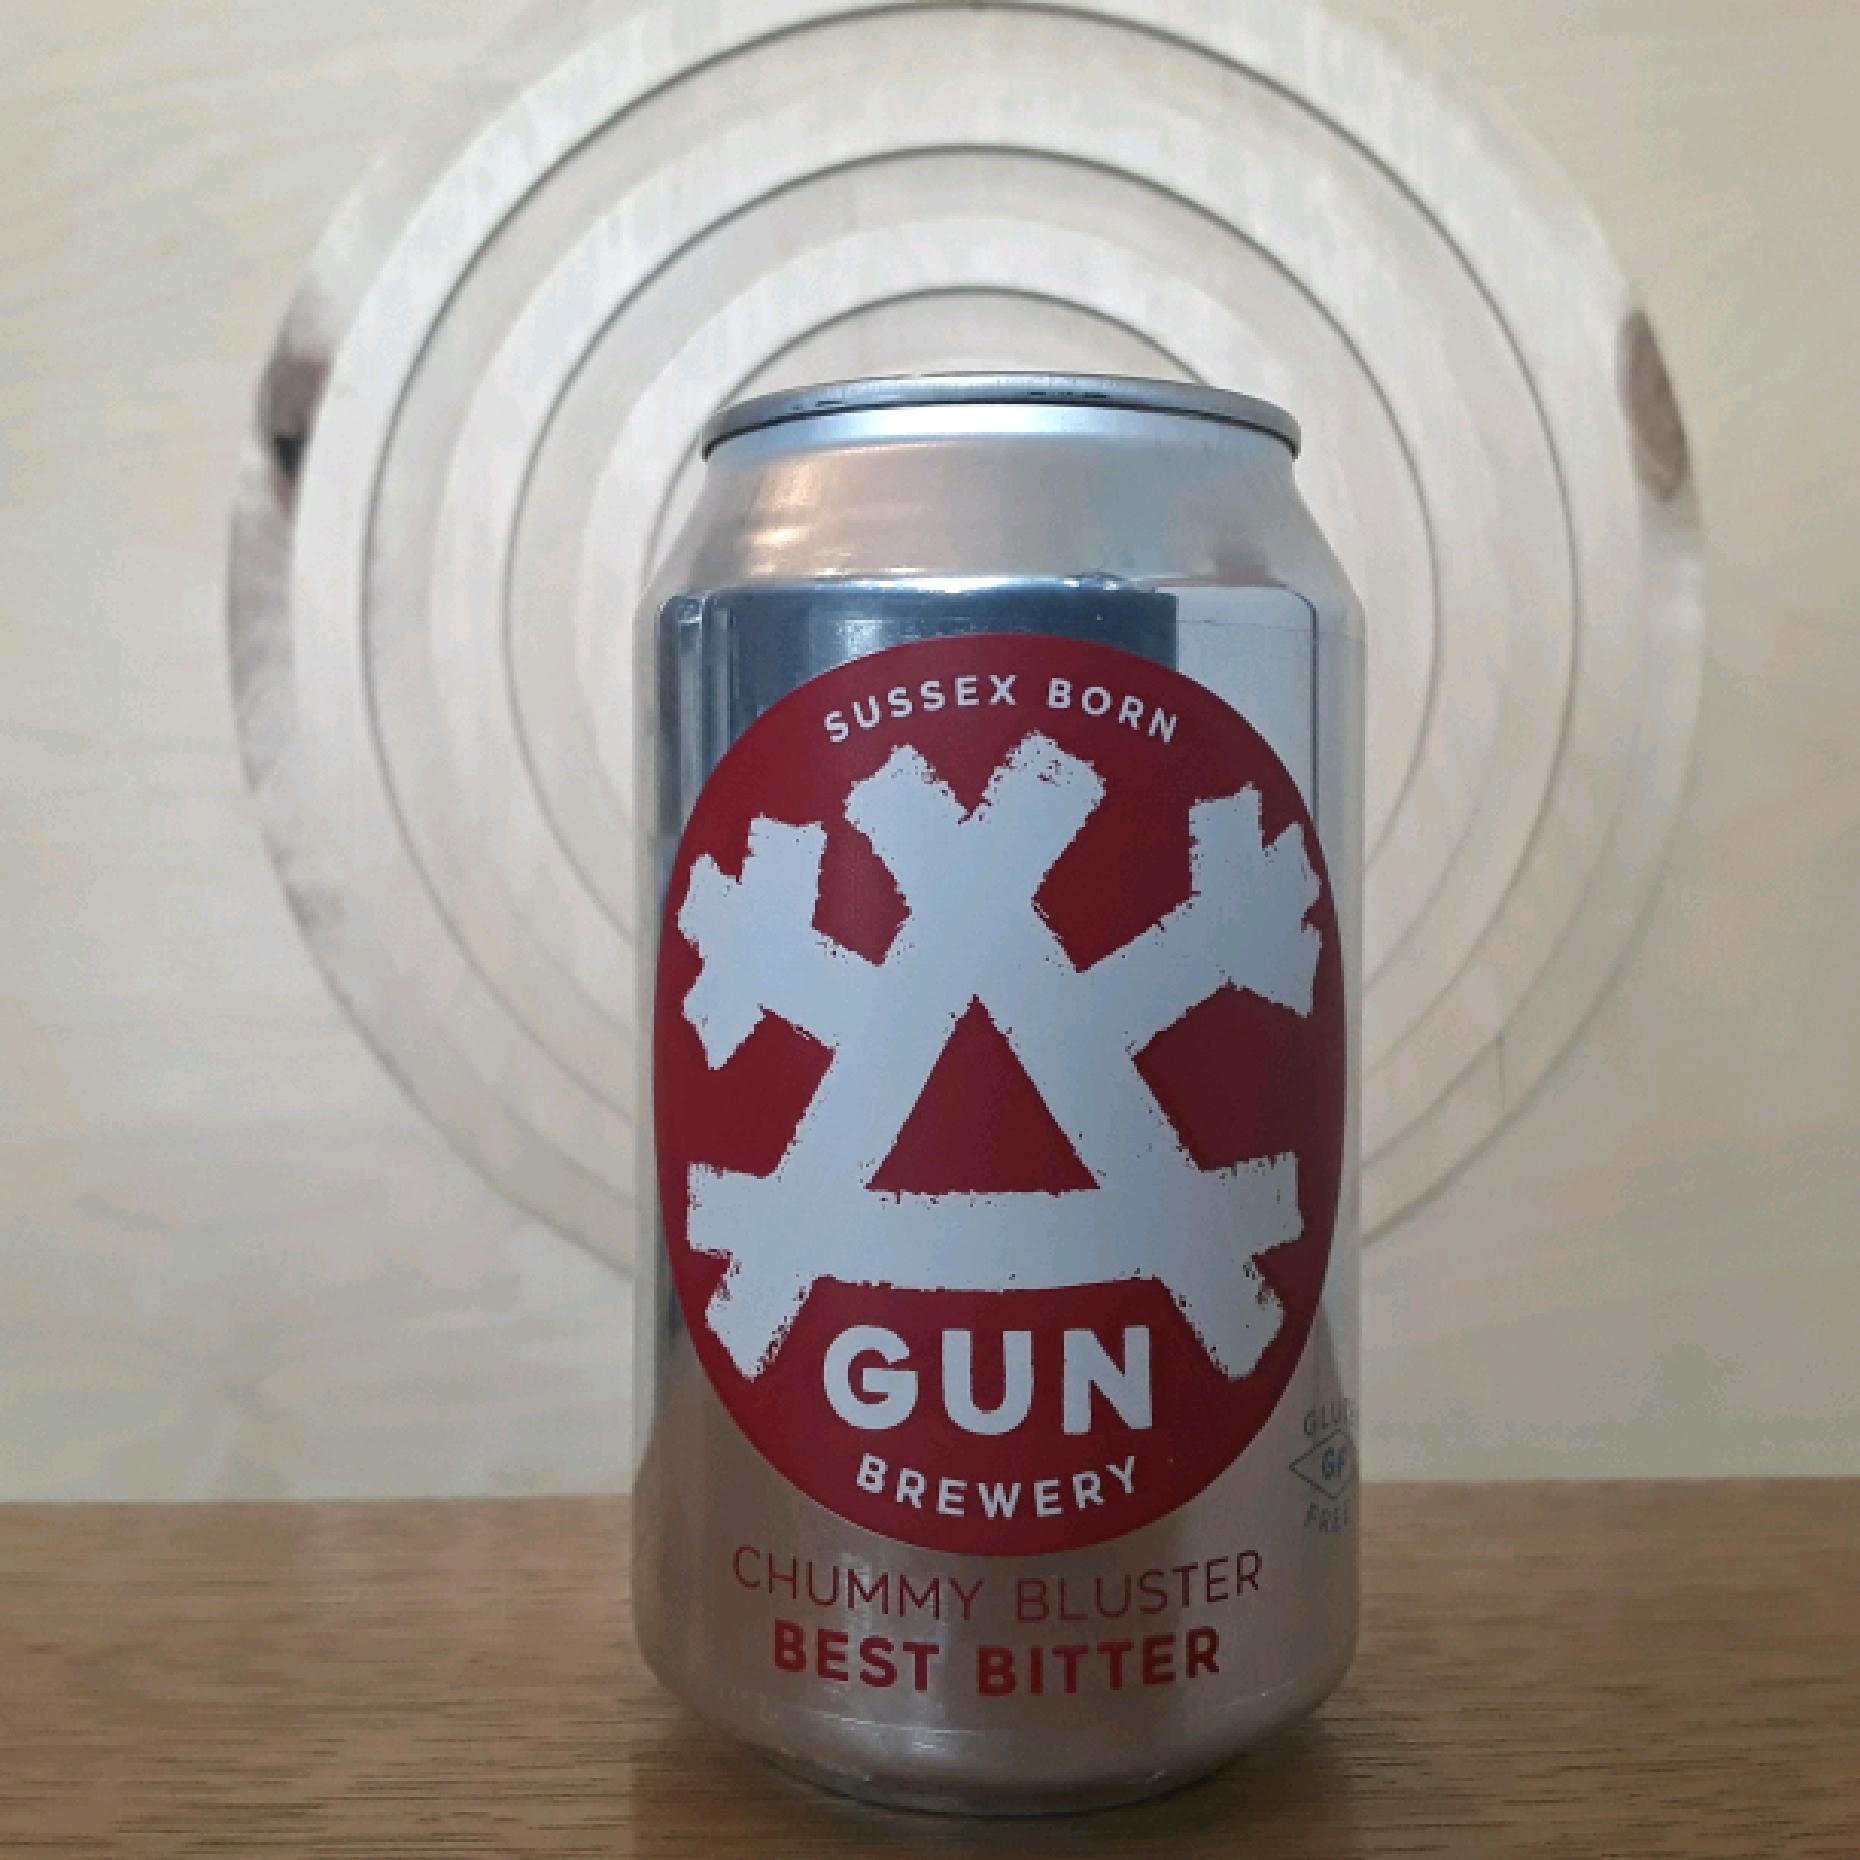 Gun Brewery | Chummy Bluster | Bitter